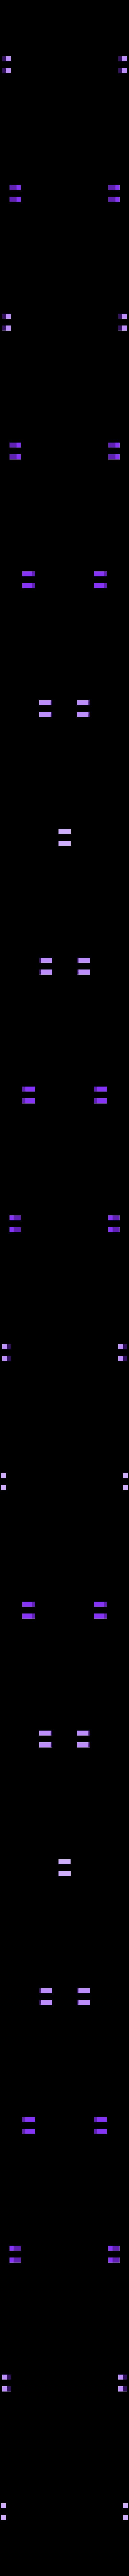 pegUL.stl Télécharger fichier STL gratuit Hache de main de Norn Guild Wars 2 • Modèle pour imprimante 3D, reakain